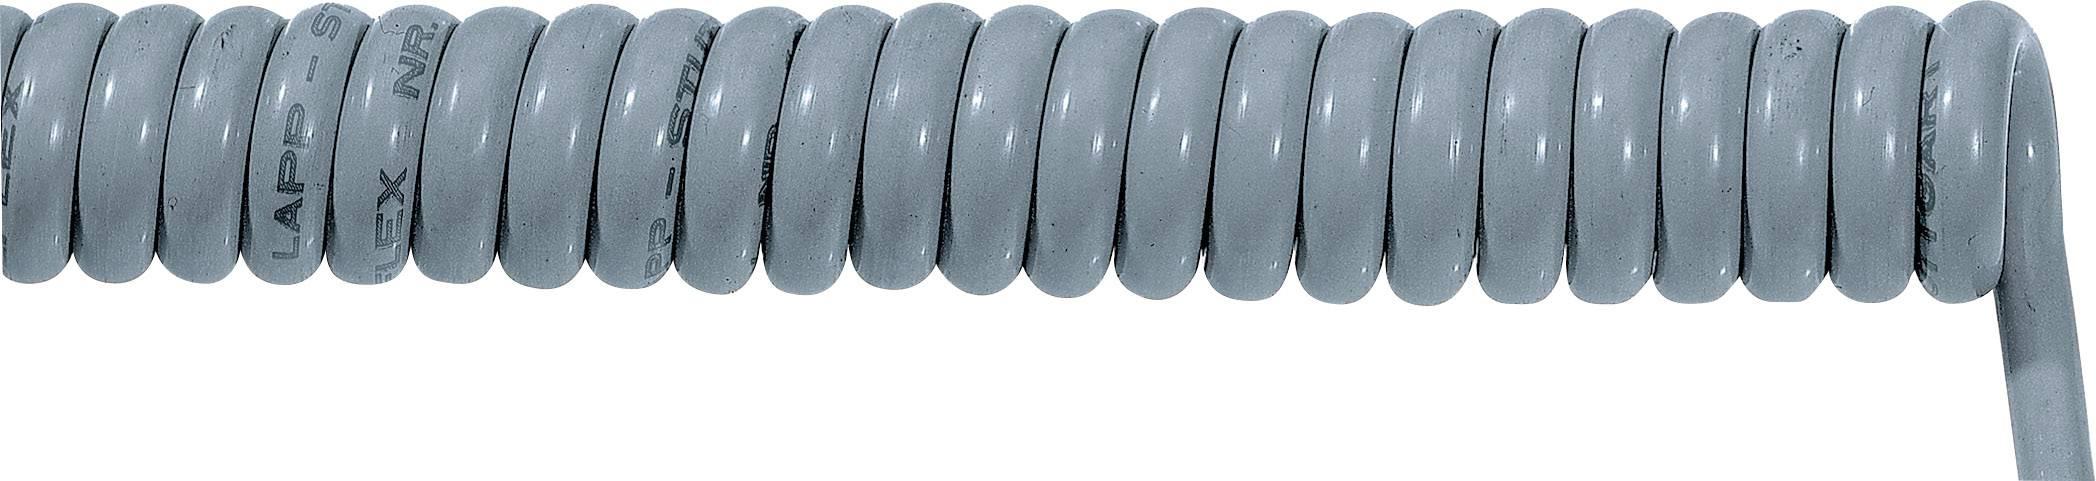 Špirálový kábel 70002647 ÖLFLEX® SPIRAL 400 P 2 x 1 mm², 1000 mm / 3000 mm, sivá